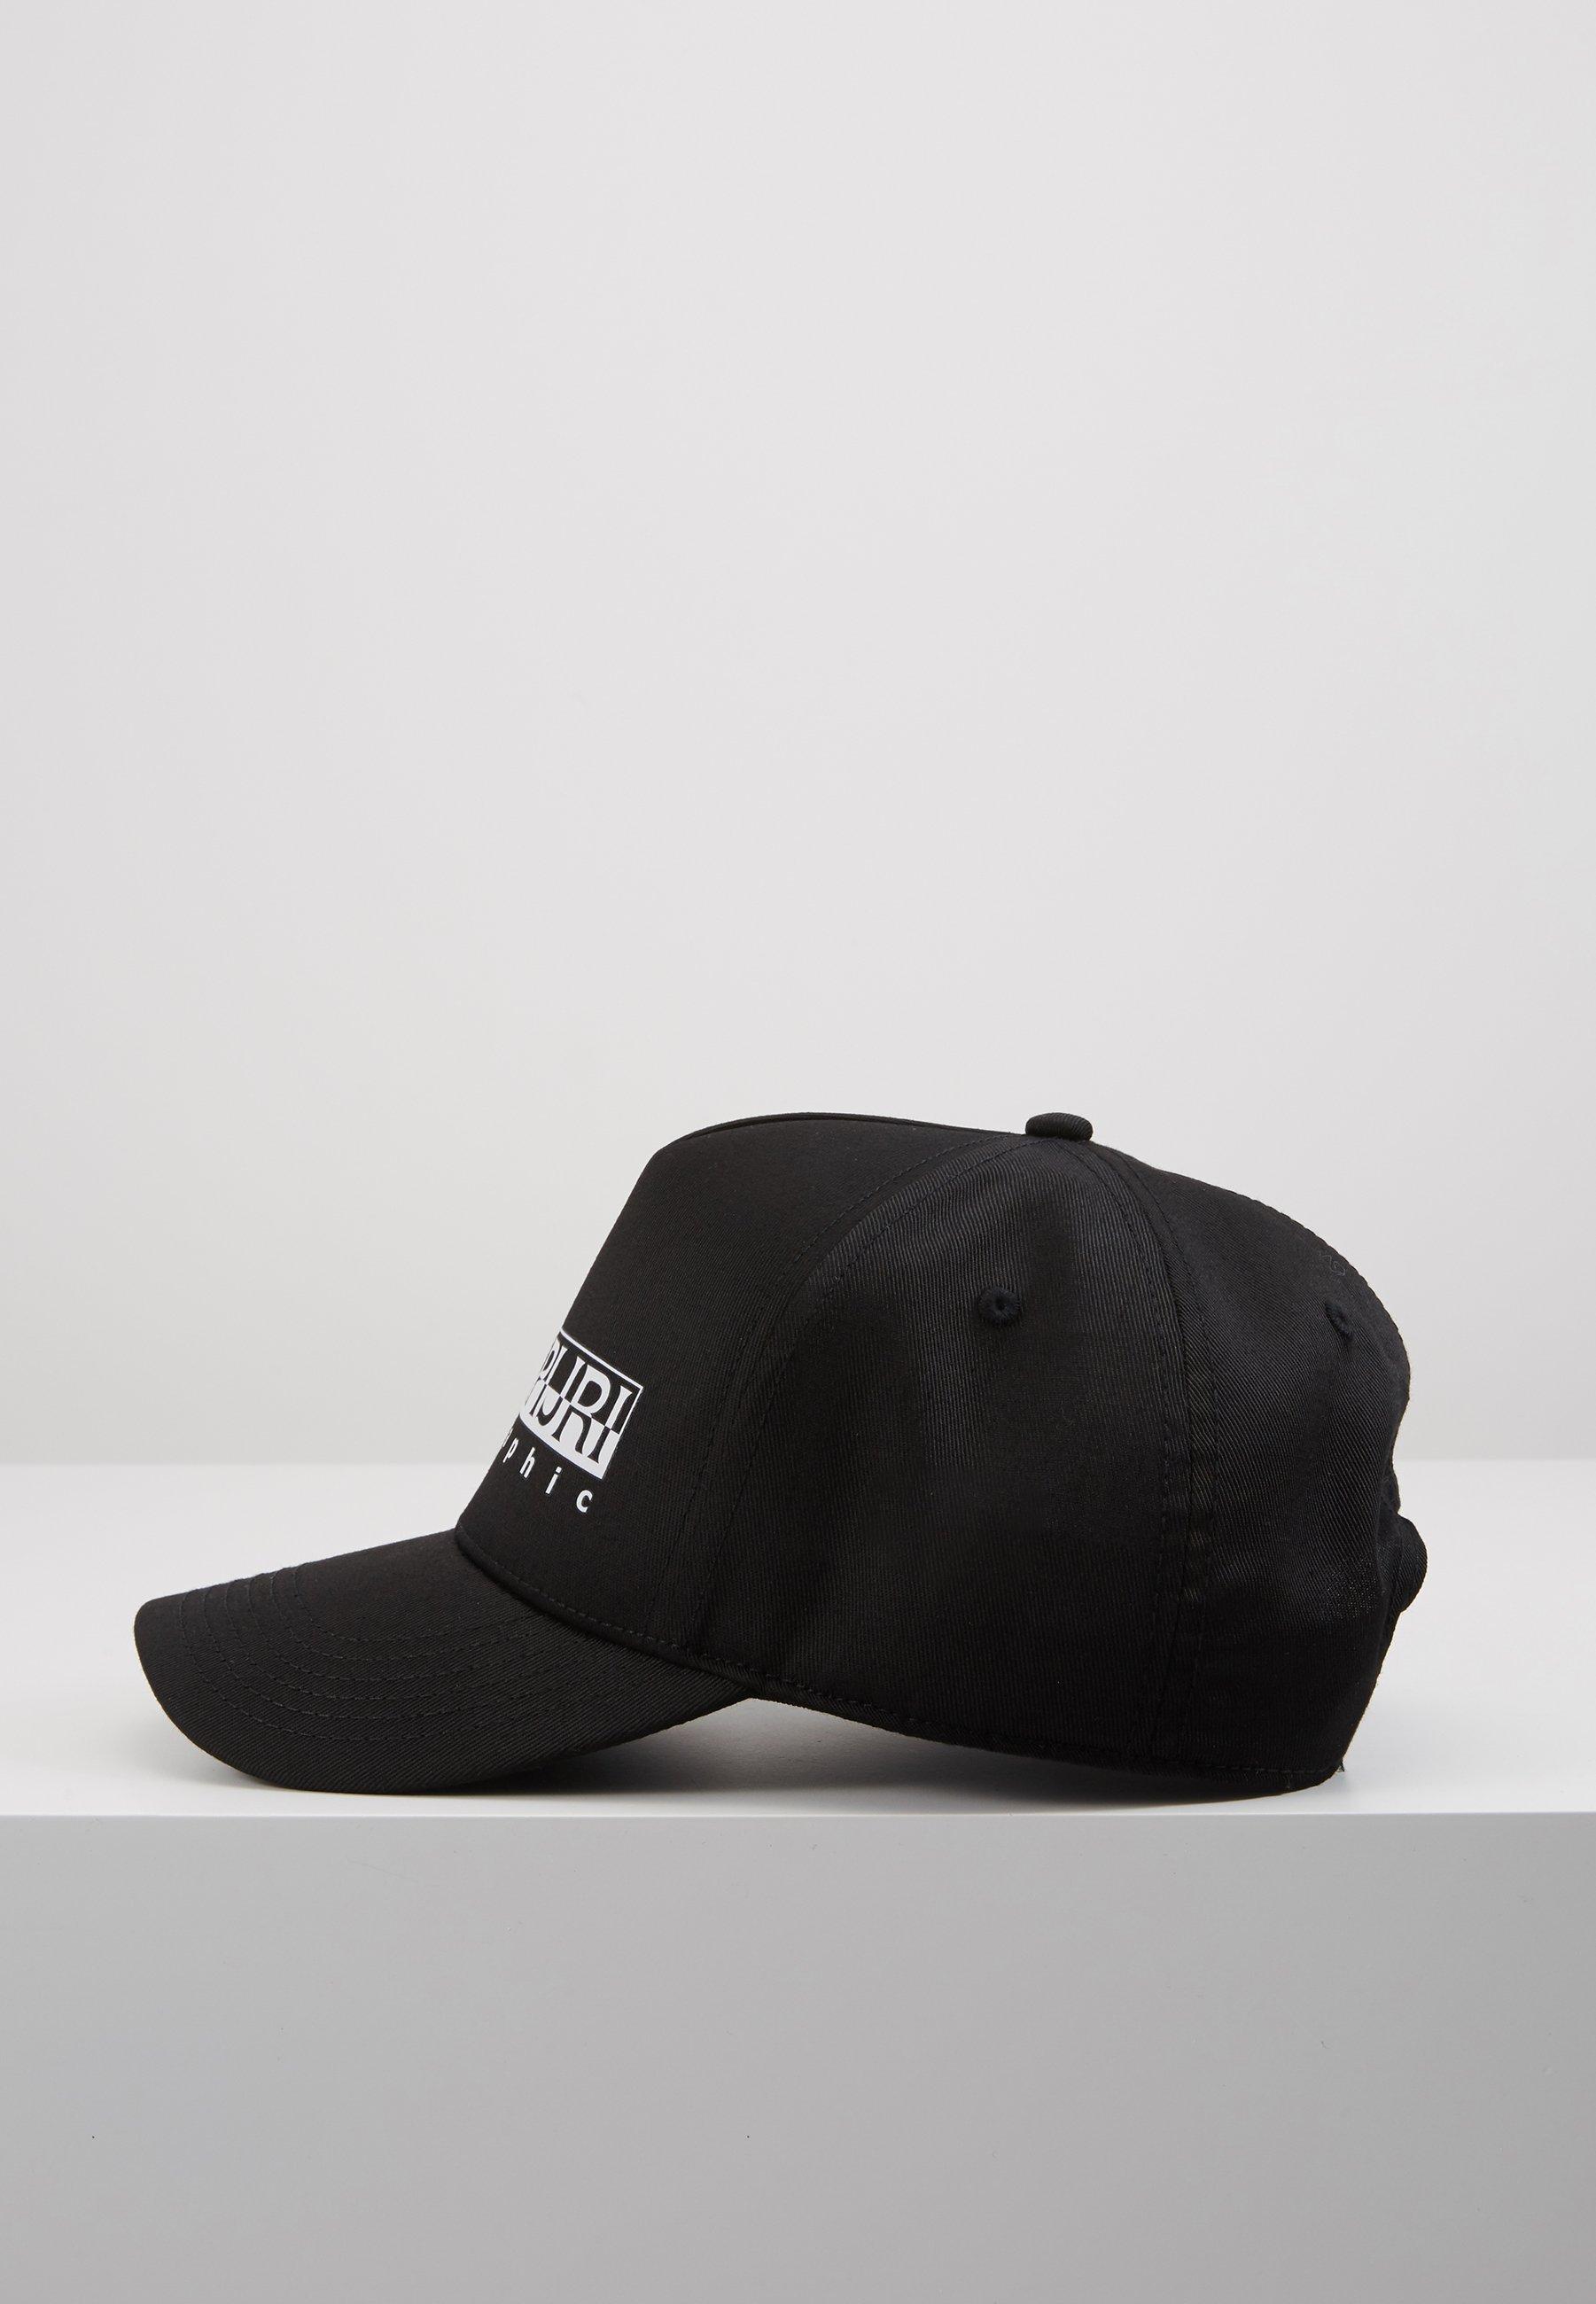 Napapijri Framing - Cap Black/schwarz